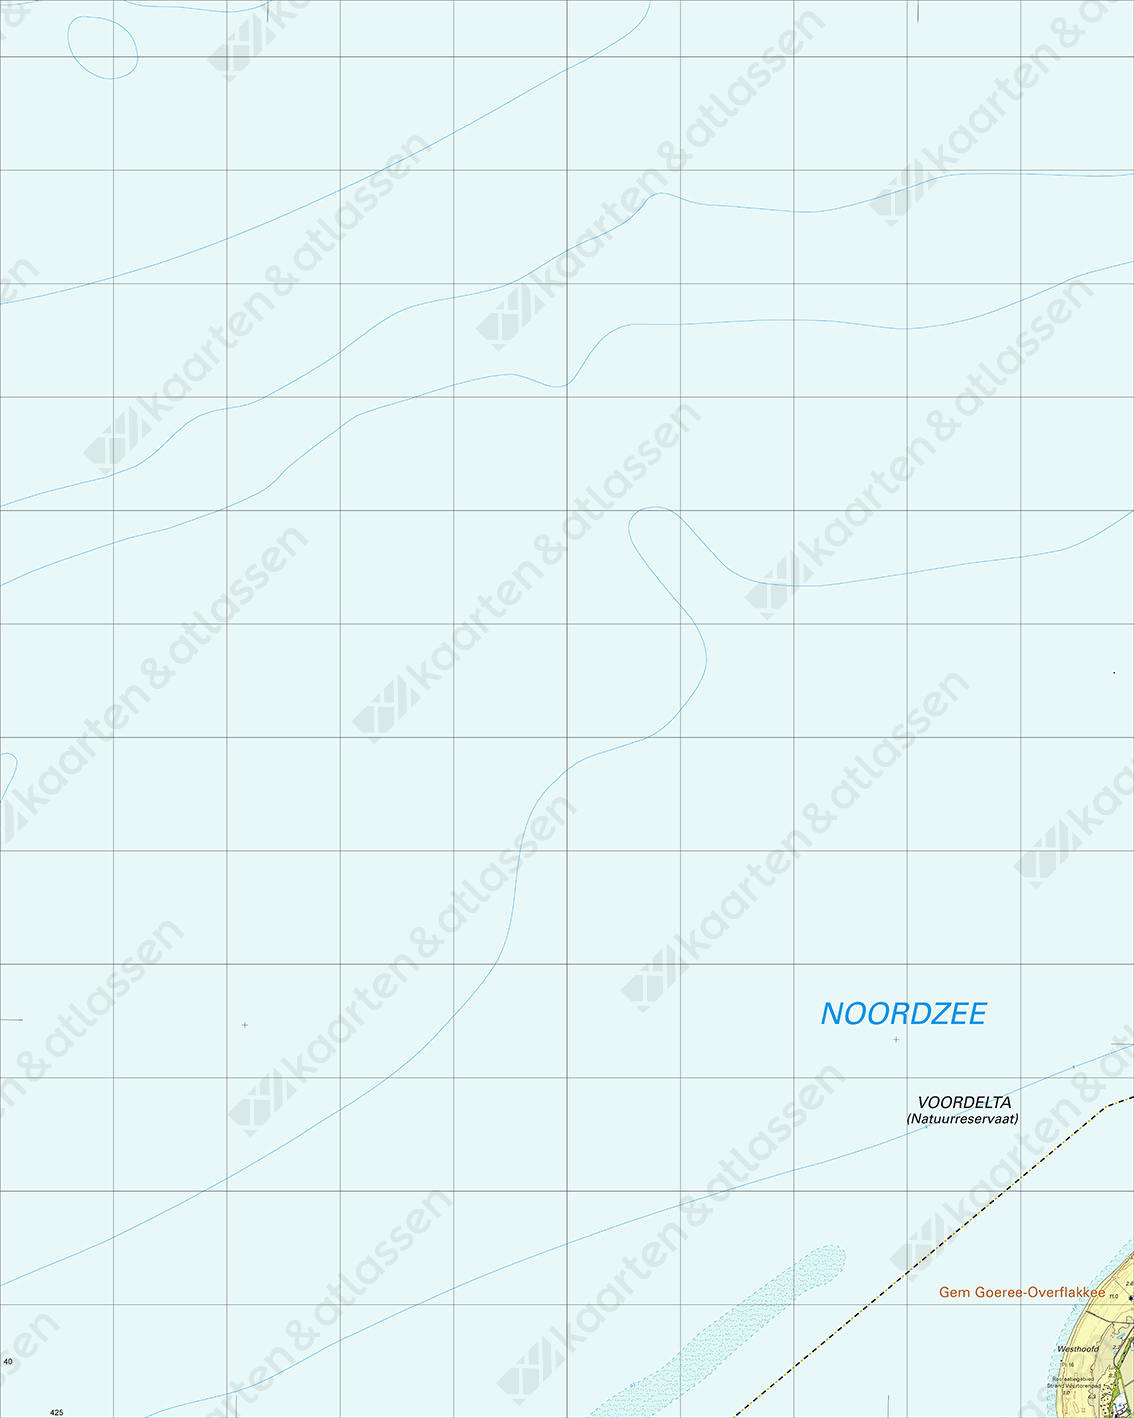 Topografische Kaart 36G Goeree-Overflakkee